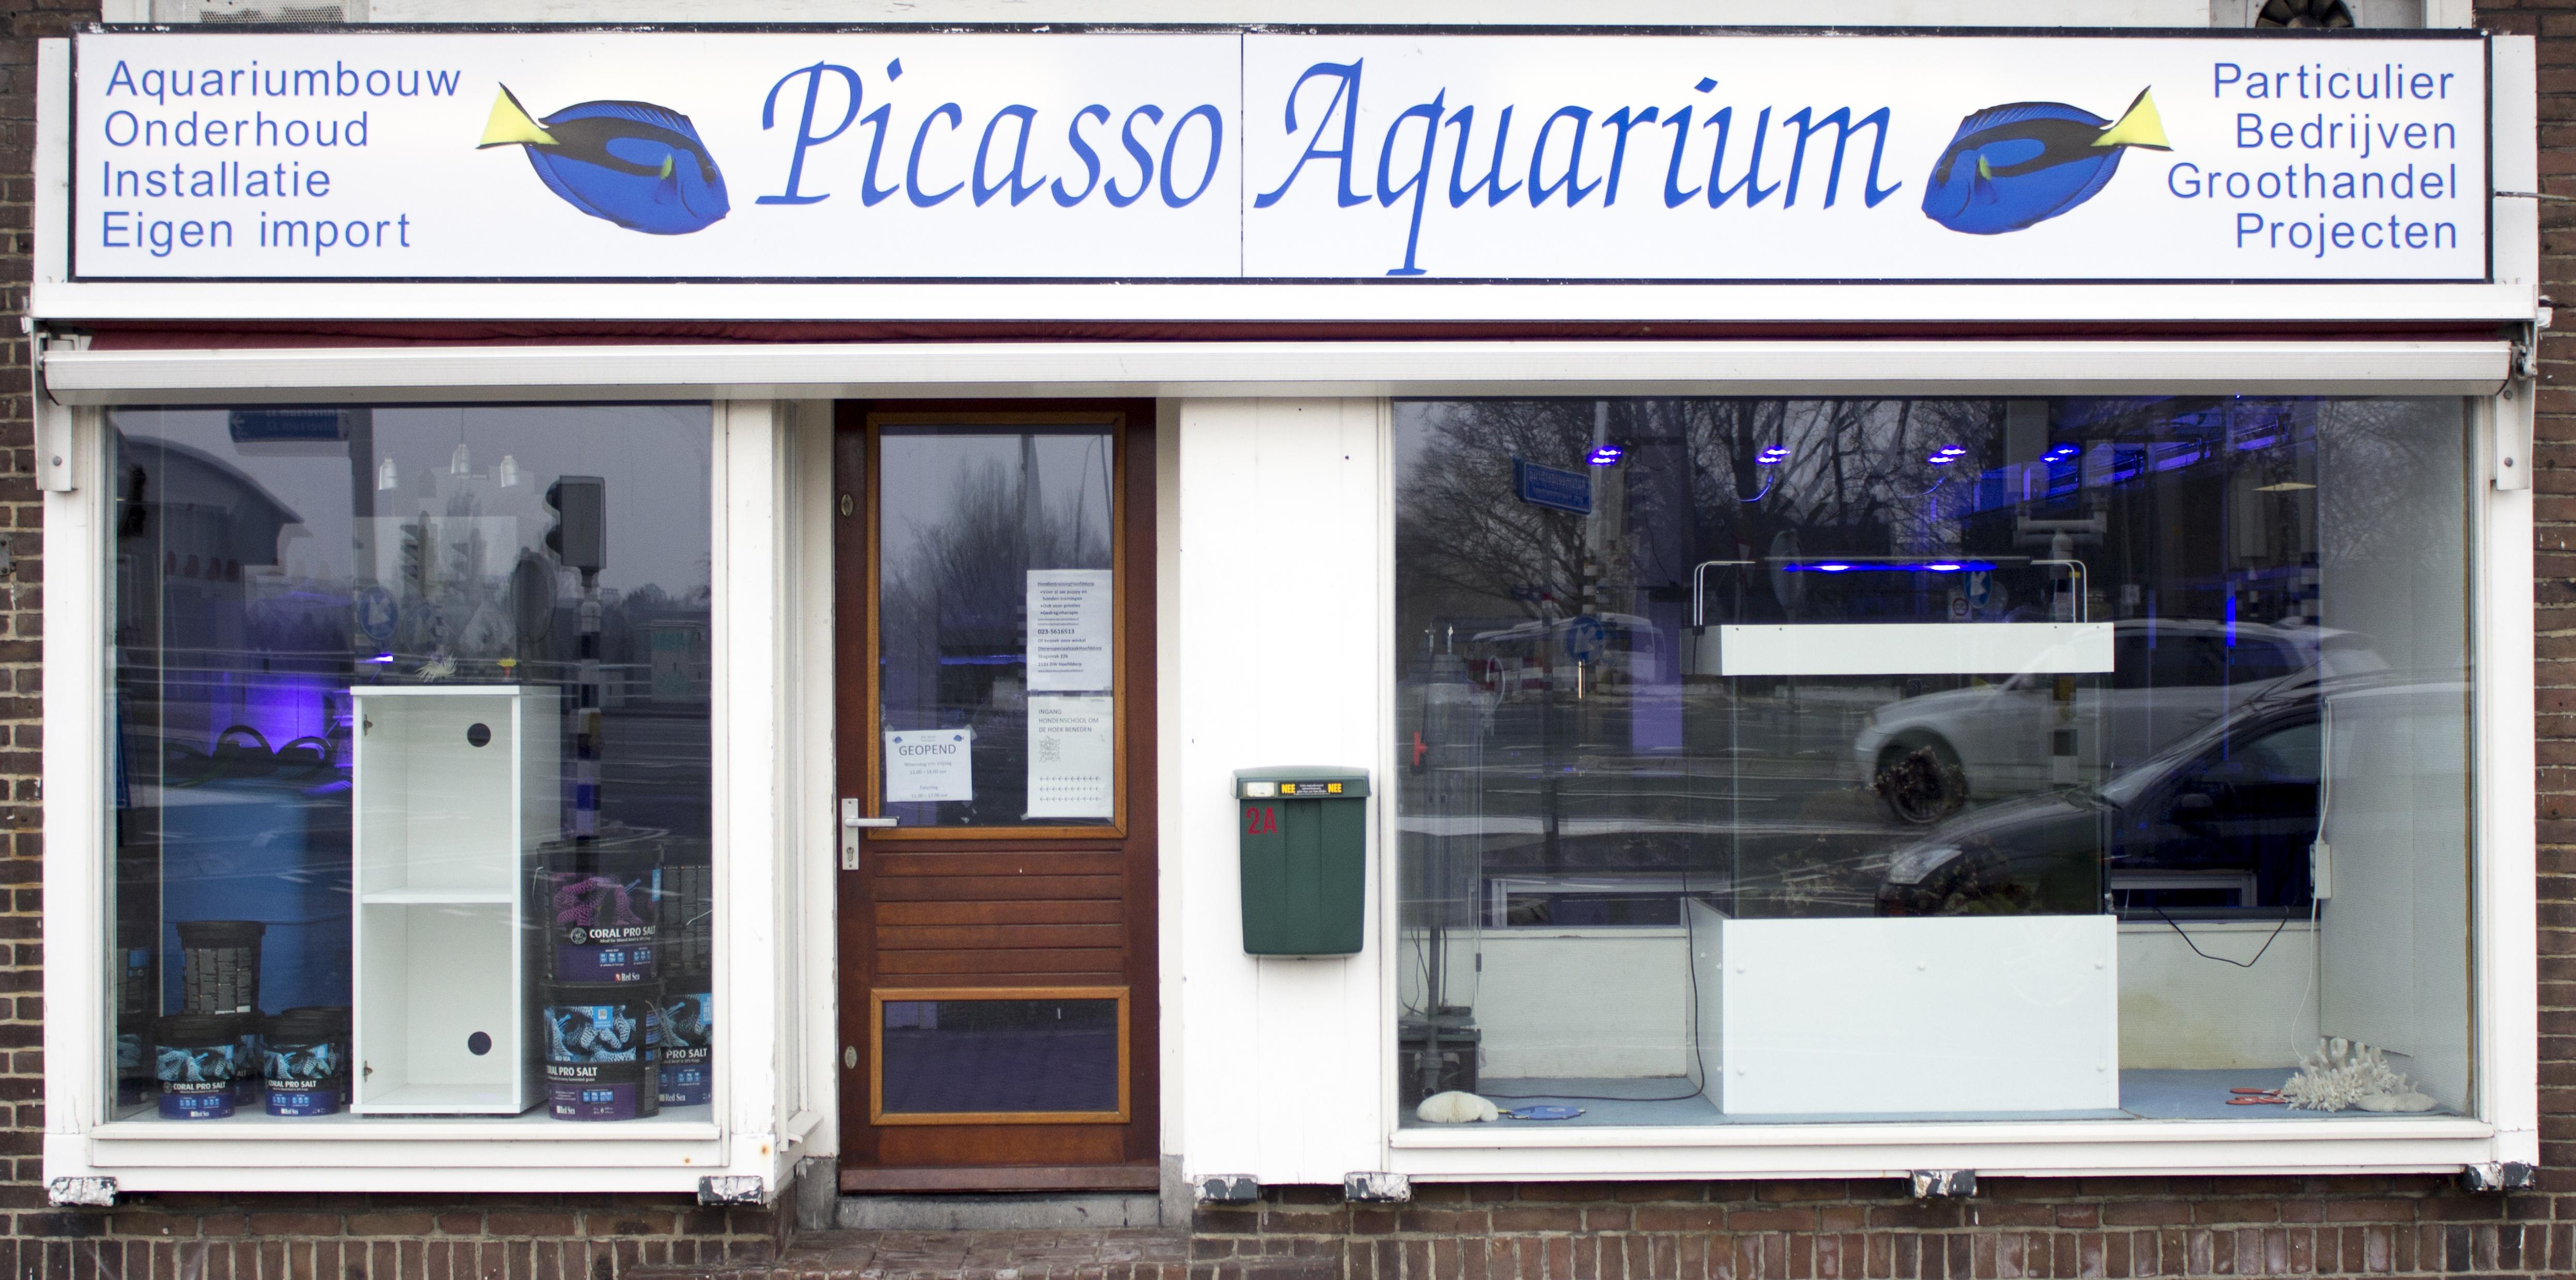 Picasso Aquarium